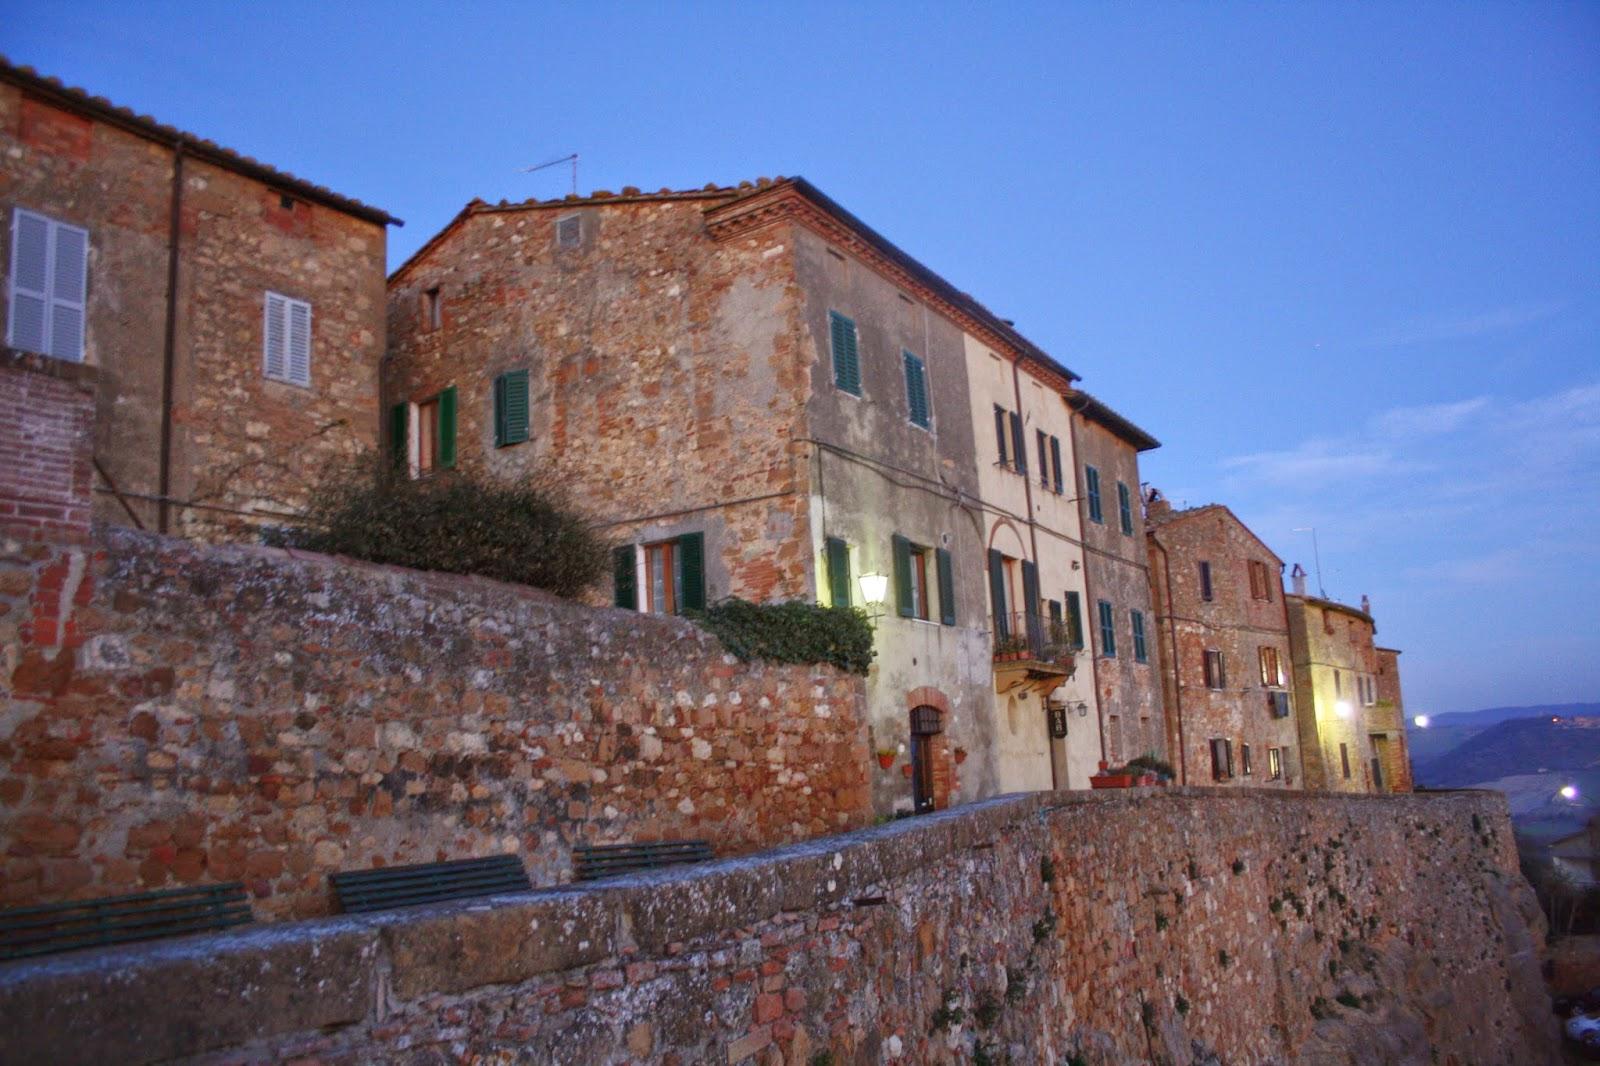 Casas de piedra de las calles de Pienza